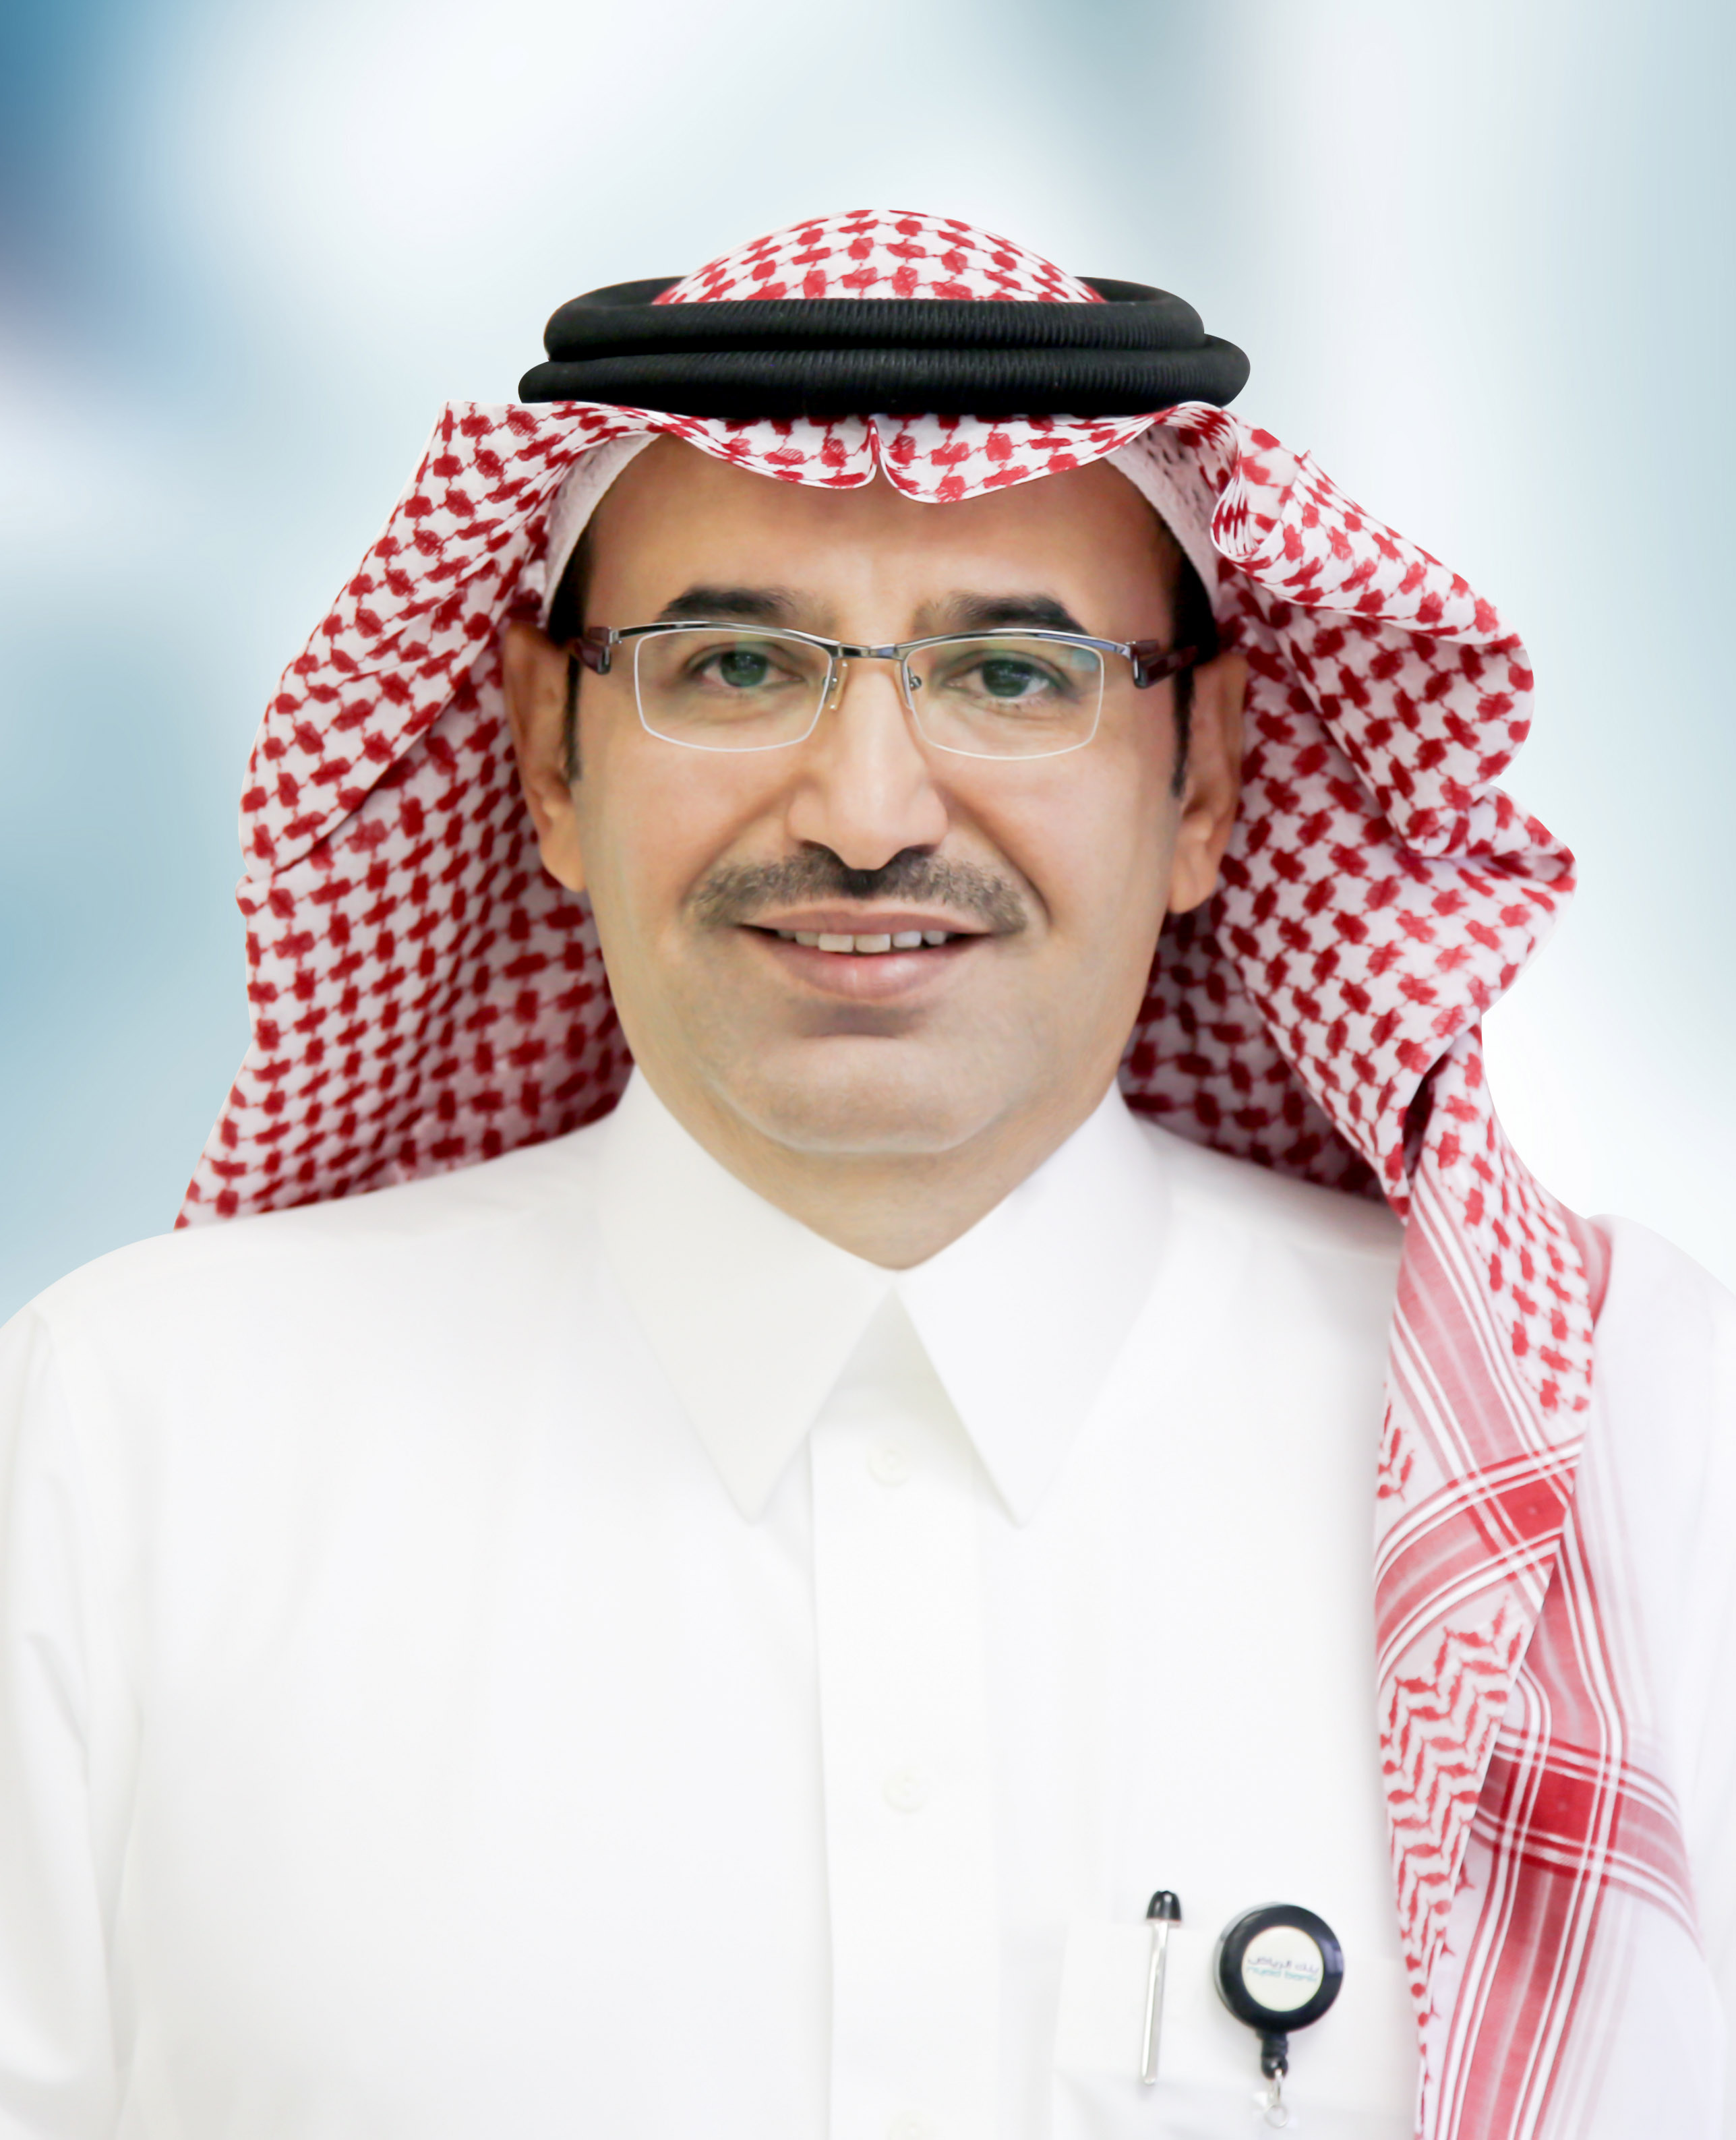 Saad Al-Qahtani